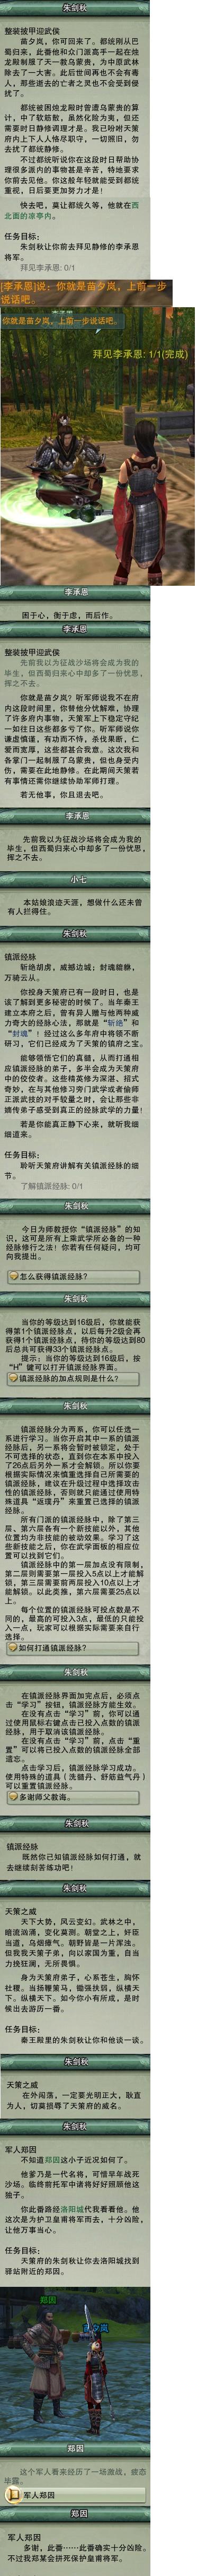 主线任务05 - 拜见李承恩 & 前往洛阳.jpg